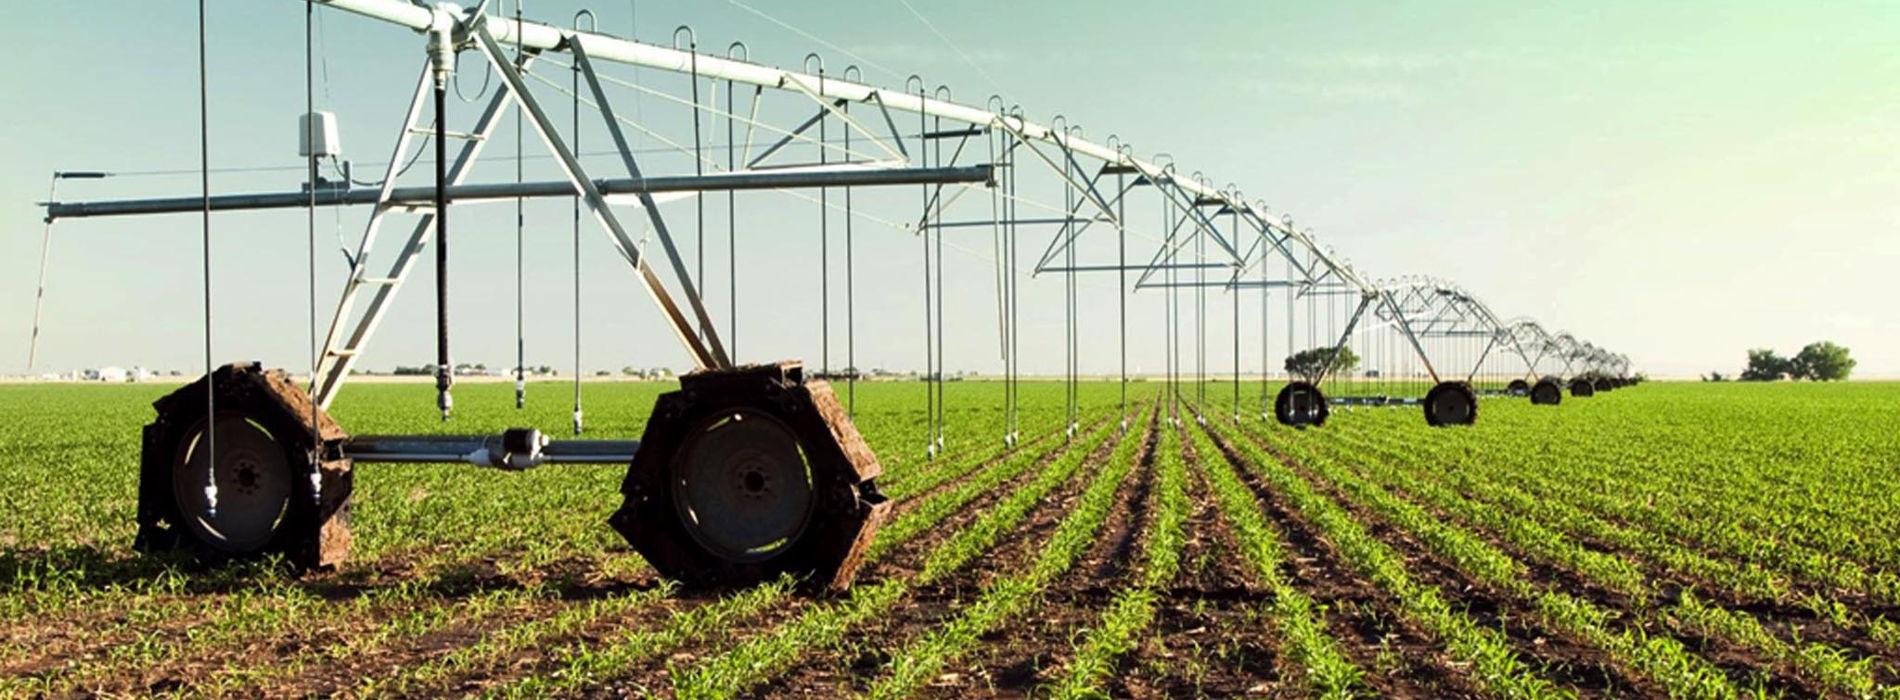 """Résultat de recherche d'images pour """"zambia, new agriculture, zambia"""""""